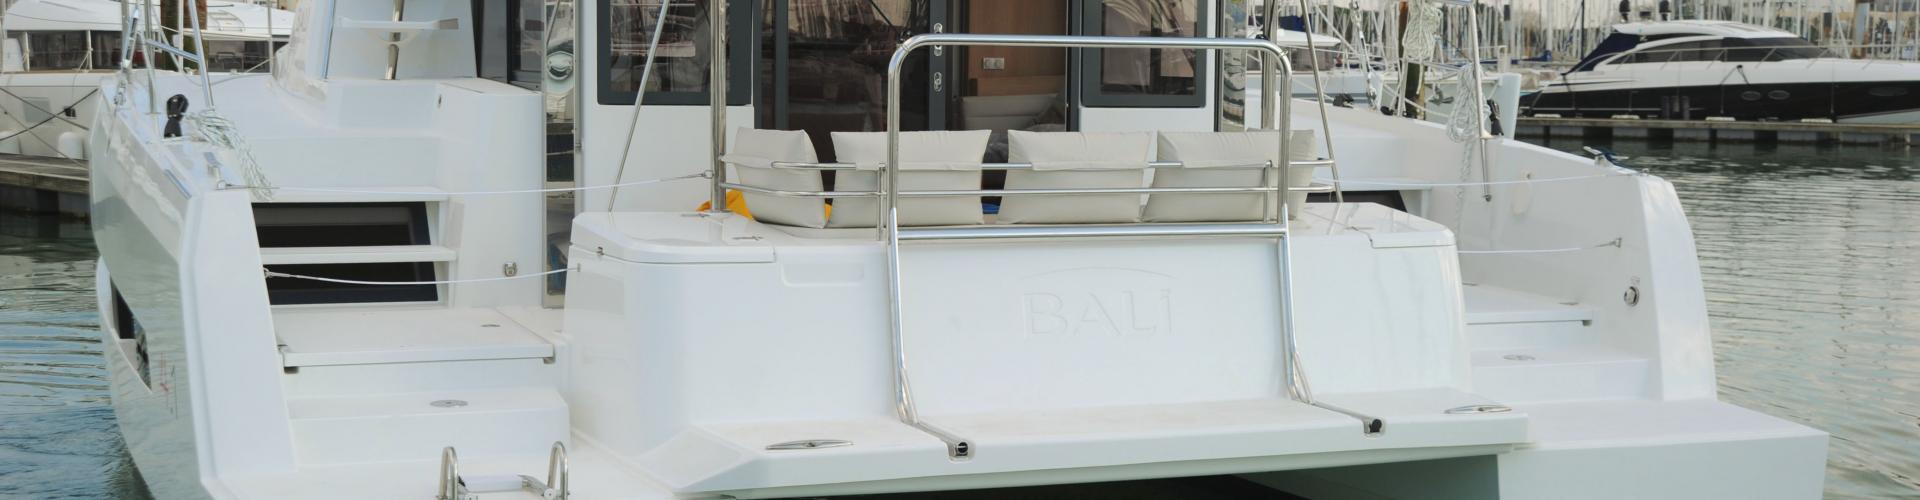 2020. Bali 4.1